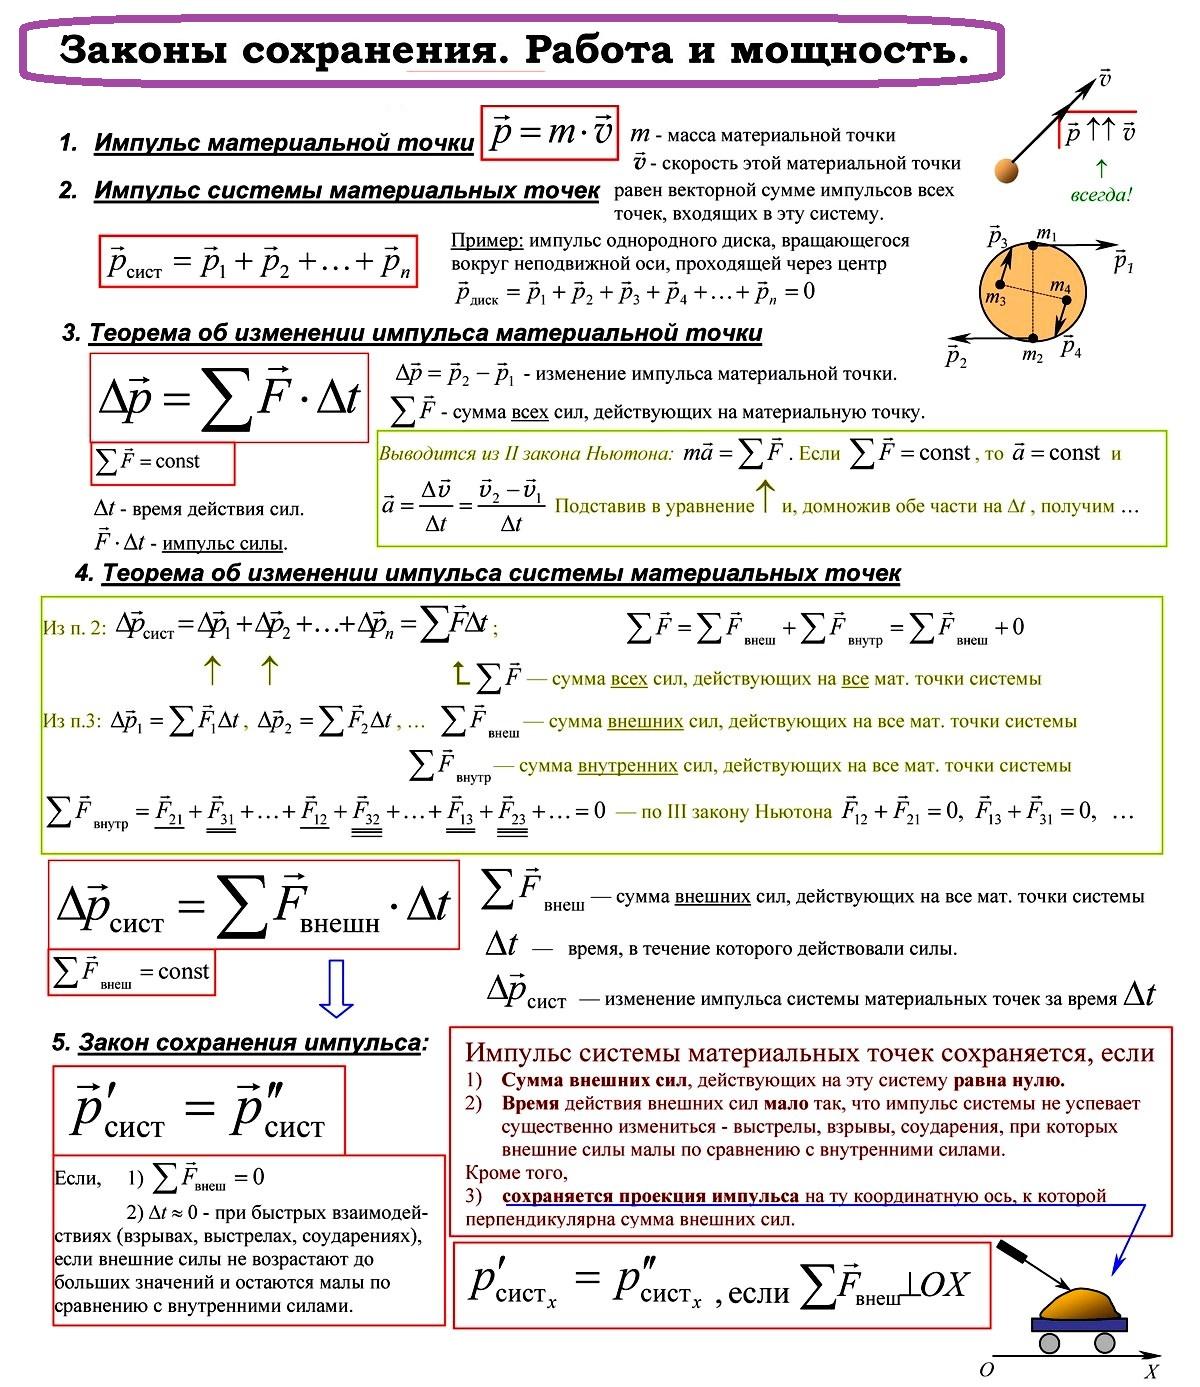 Контрольная работа закон сохранения энергии с решением 5196